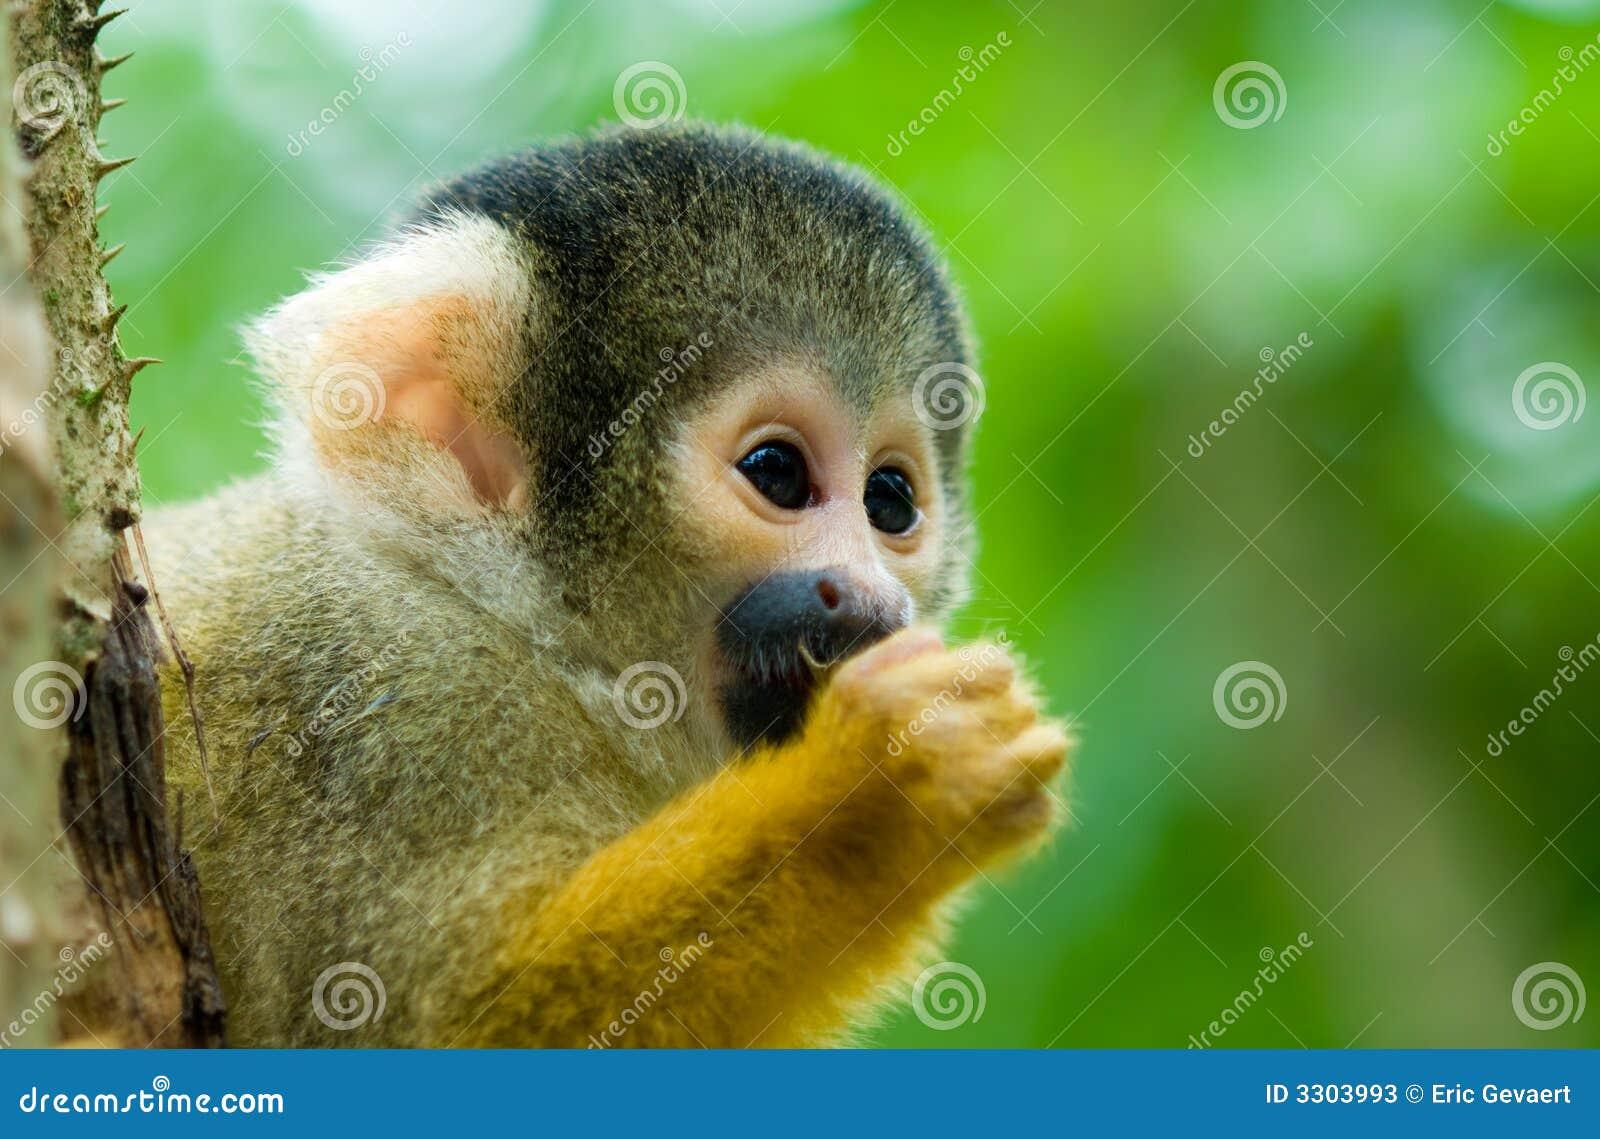 Фото половых органов обезьяны 27 фотография